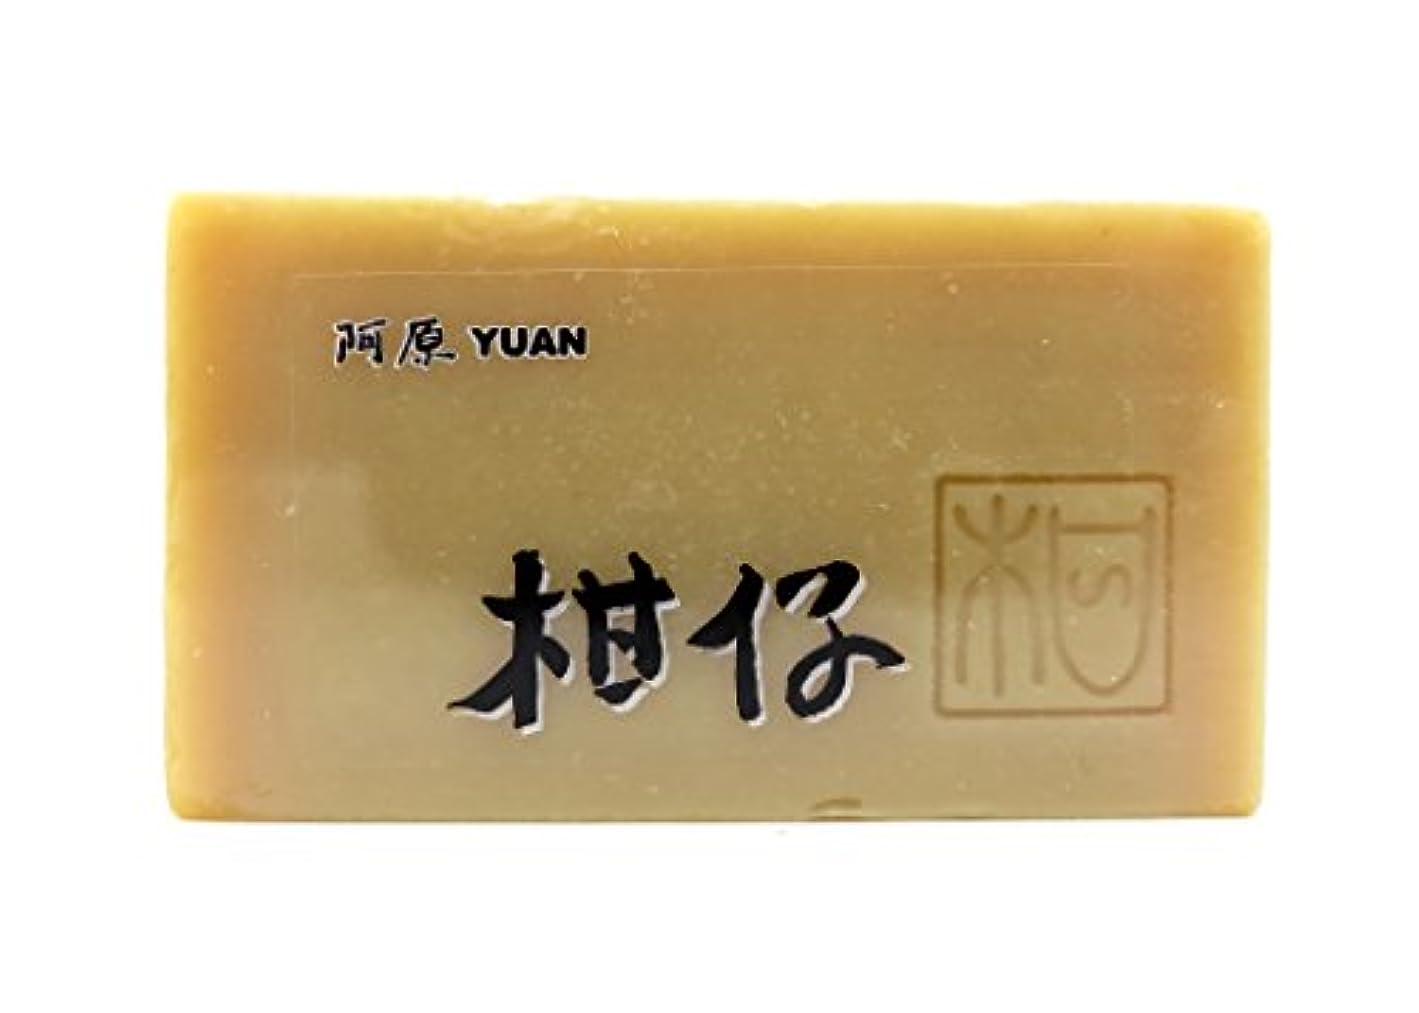 予防接種粒子ラオス人ユアンソープ ベルガモットオレンジ 固形 100g